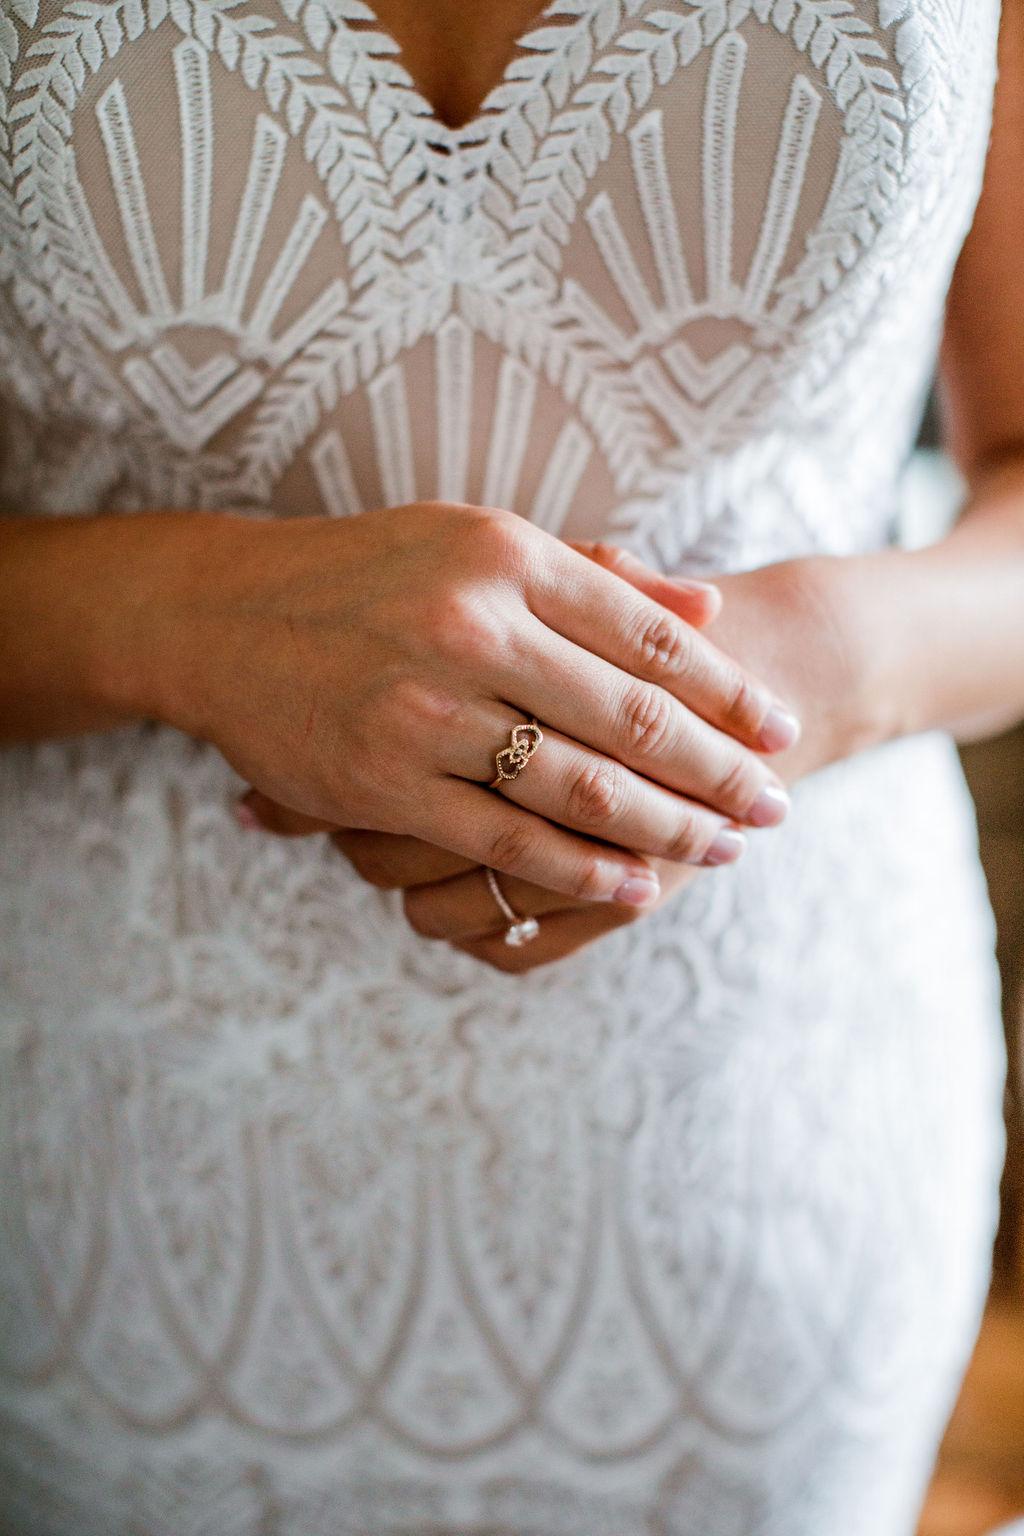 Embroidered wedding dress design | Nashville Bride Guide